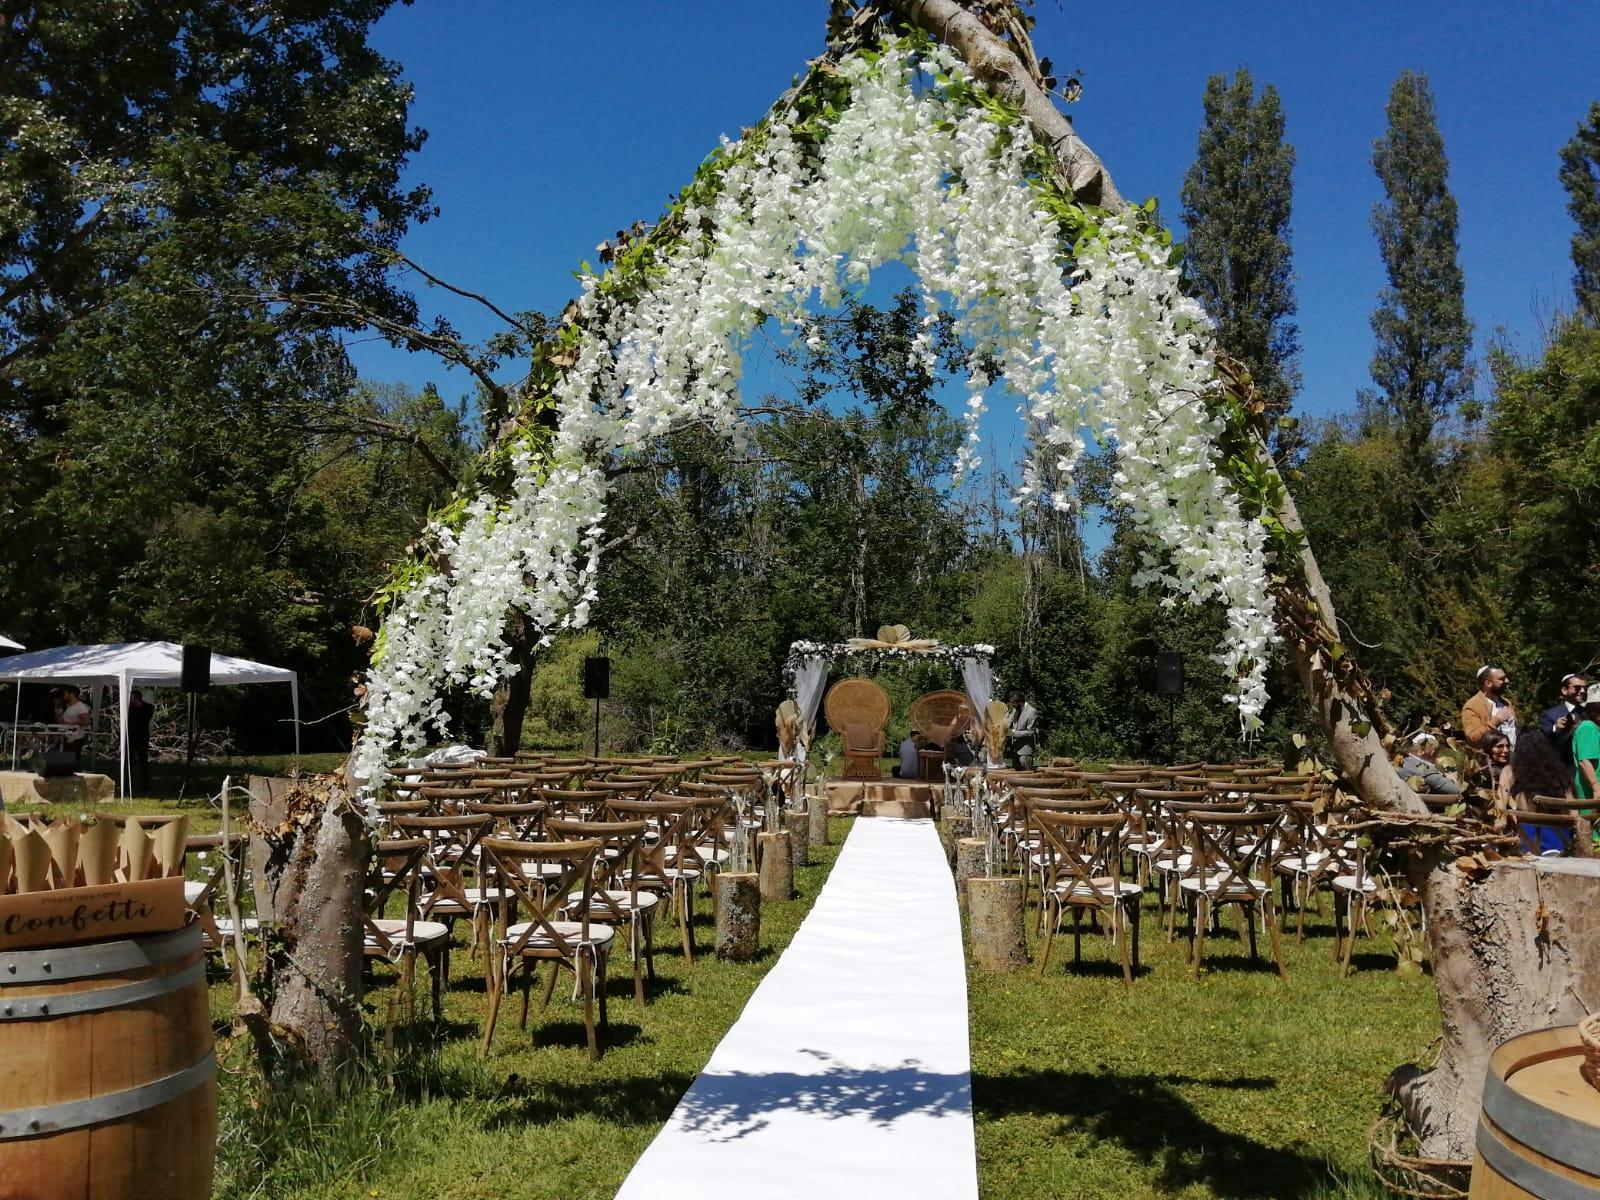 Entrée de cérémonie juif - Mariage - C&D Events - Wedding planner / organisatrice de mariage dans l'Oise